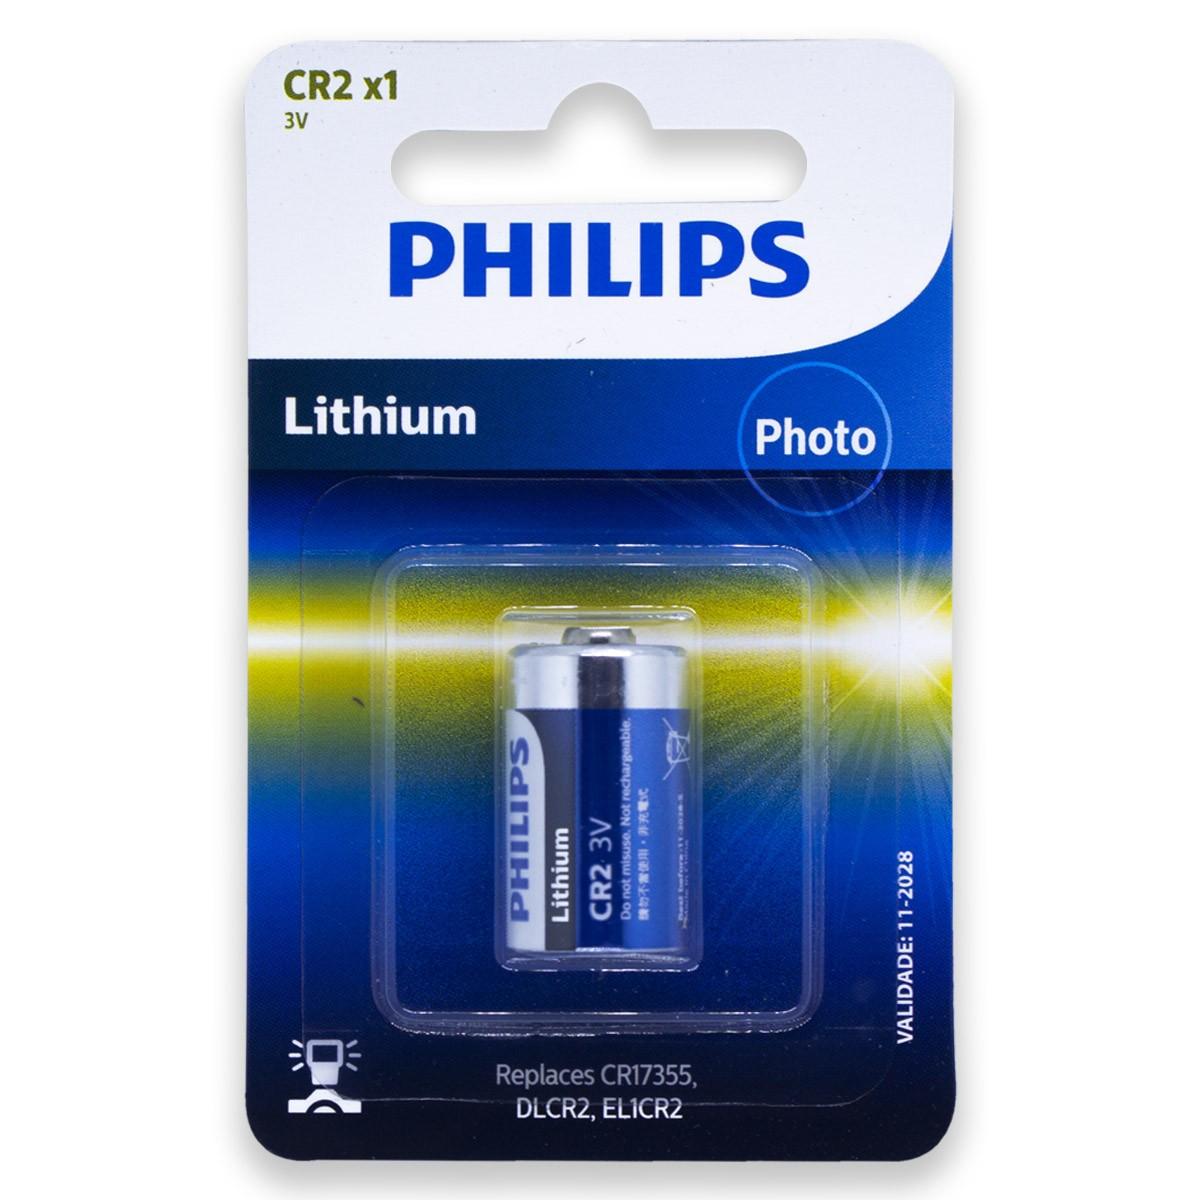 08 Pilhas PHILIPS CR2 3V Bateria 8 cartelas